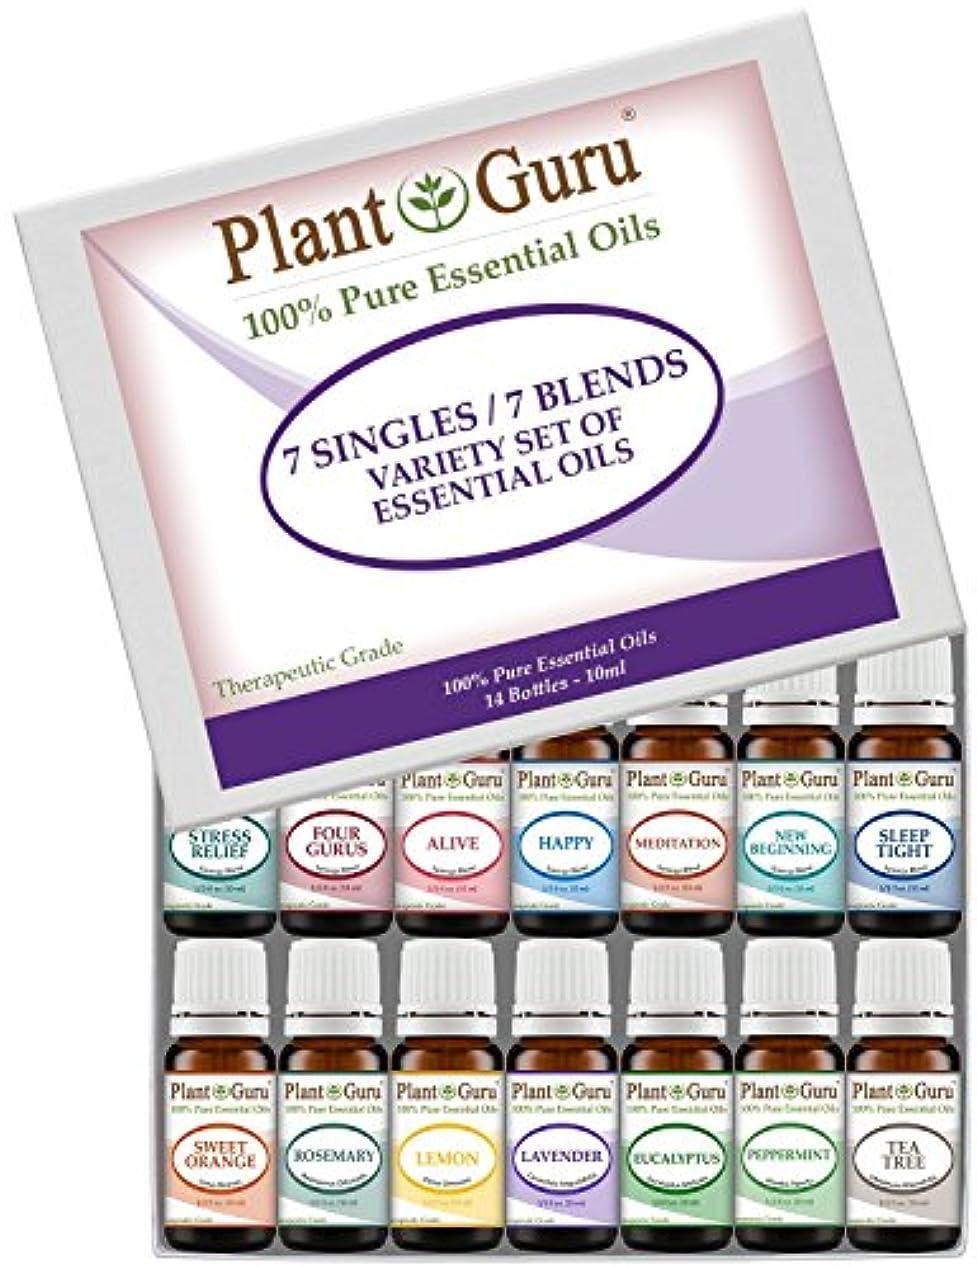 だます浸す直感Premium Essential Oil Variety Sampler Set 14 Pack - 7 Singles & 7 Blends - 100% Pure Therapeutic Grade 10 ml....